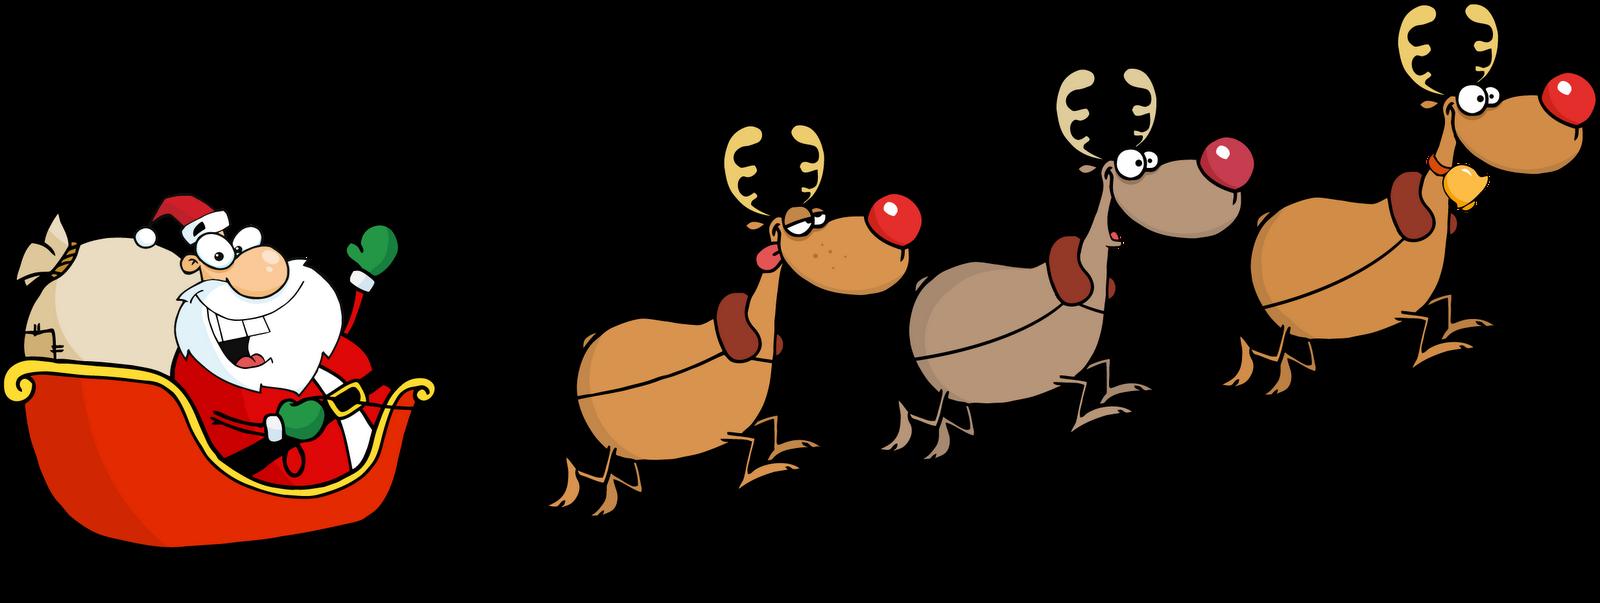 With santa png reindeerwithsantapng. Clipart reindeer reinder